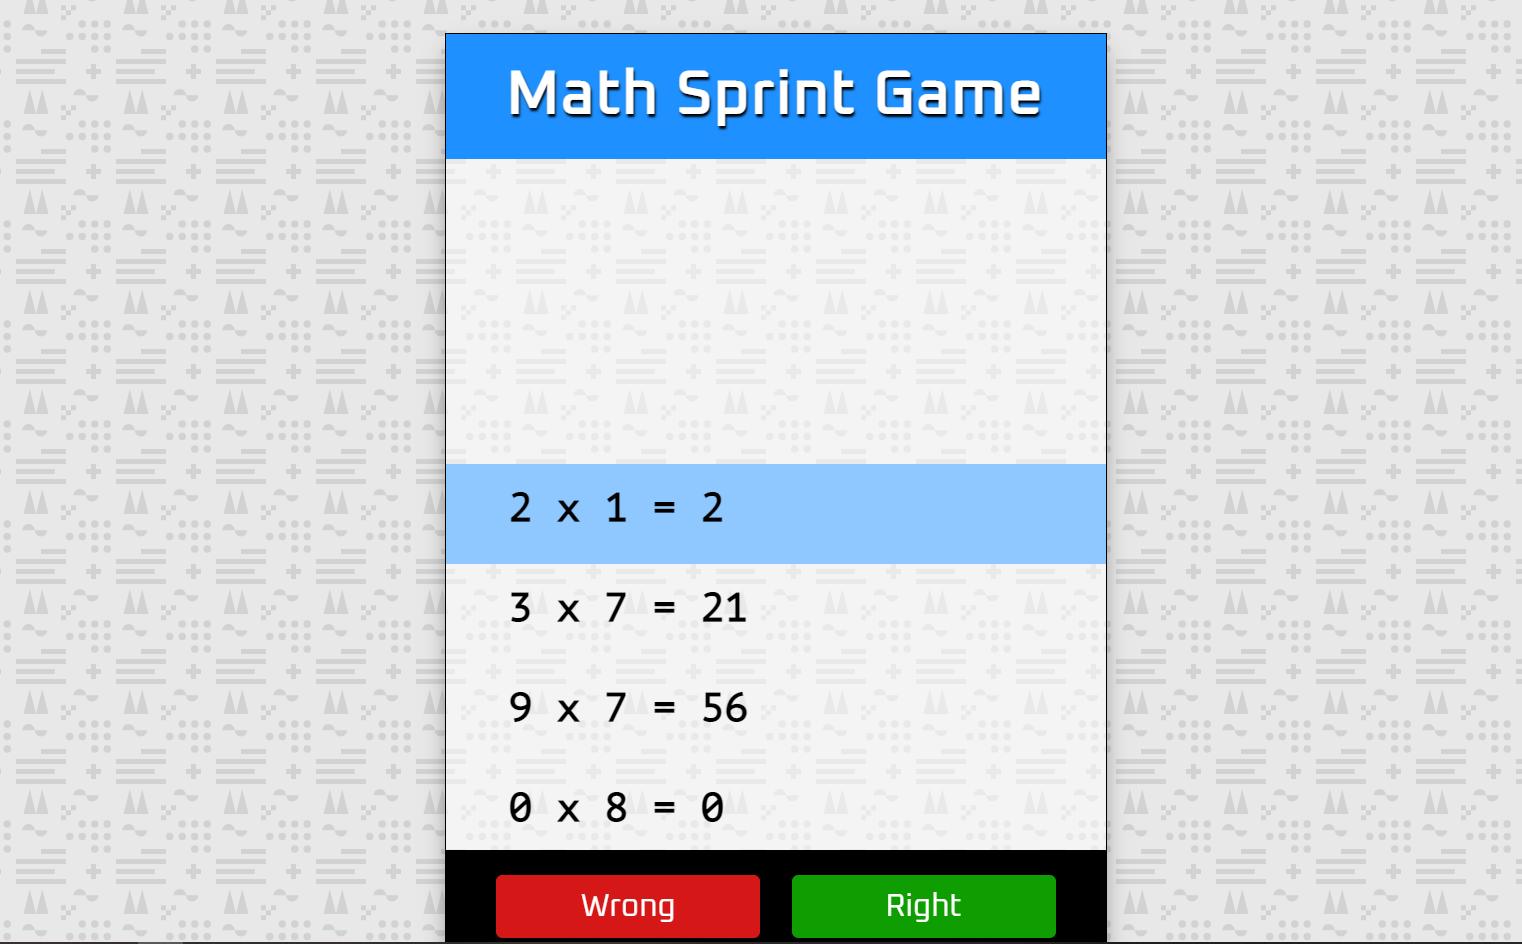 math sprint game